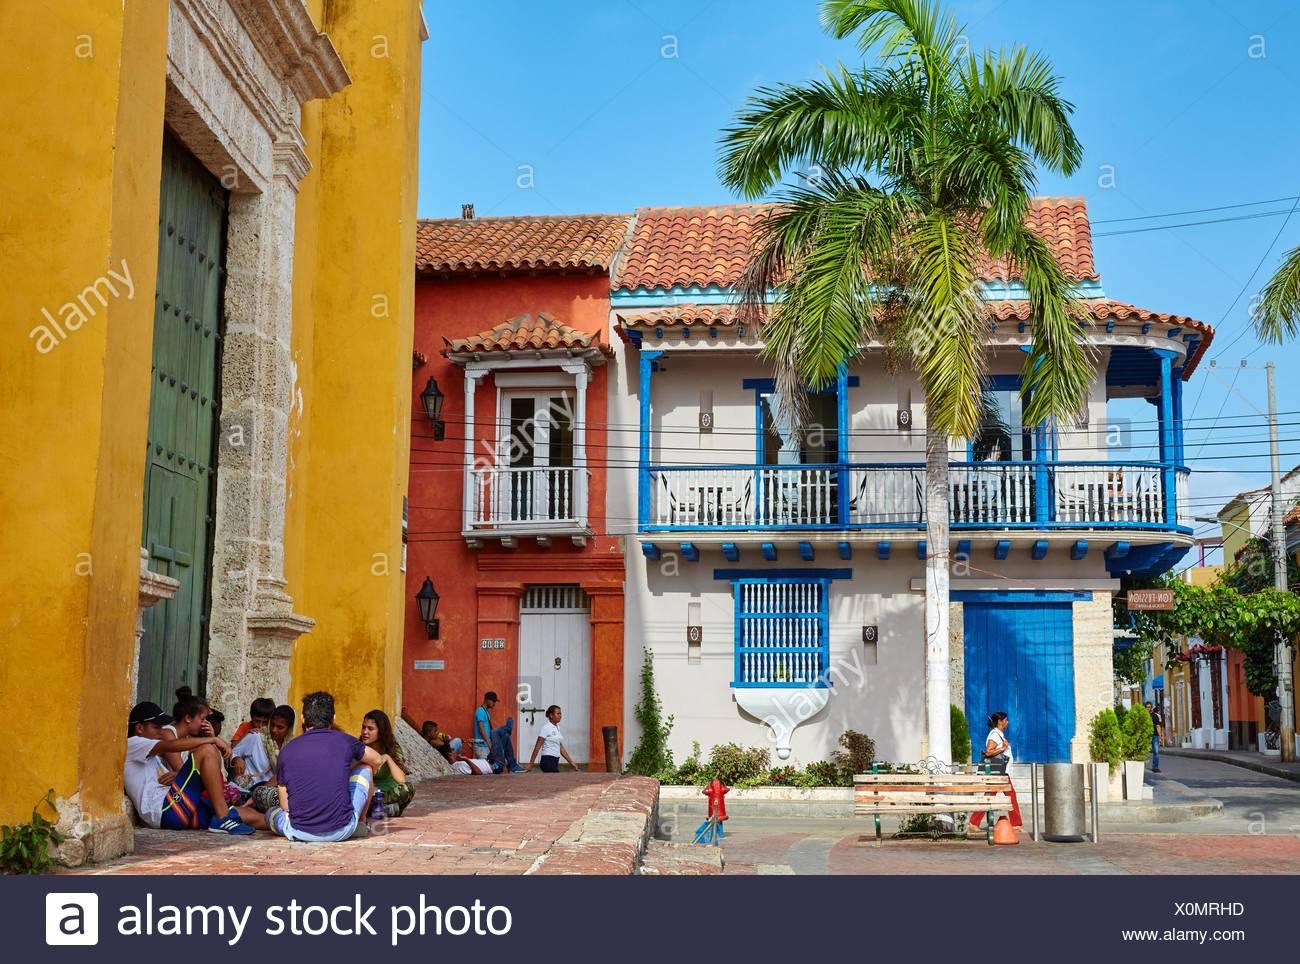 Plaza De La Trinidad Getsemani Cartagena De Indias Bolivar Colombia South America Stock Photo Alamy